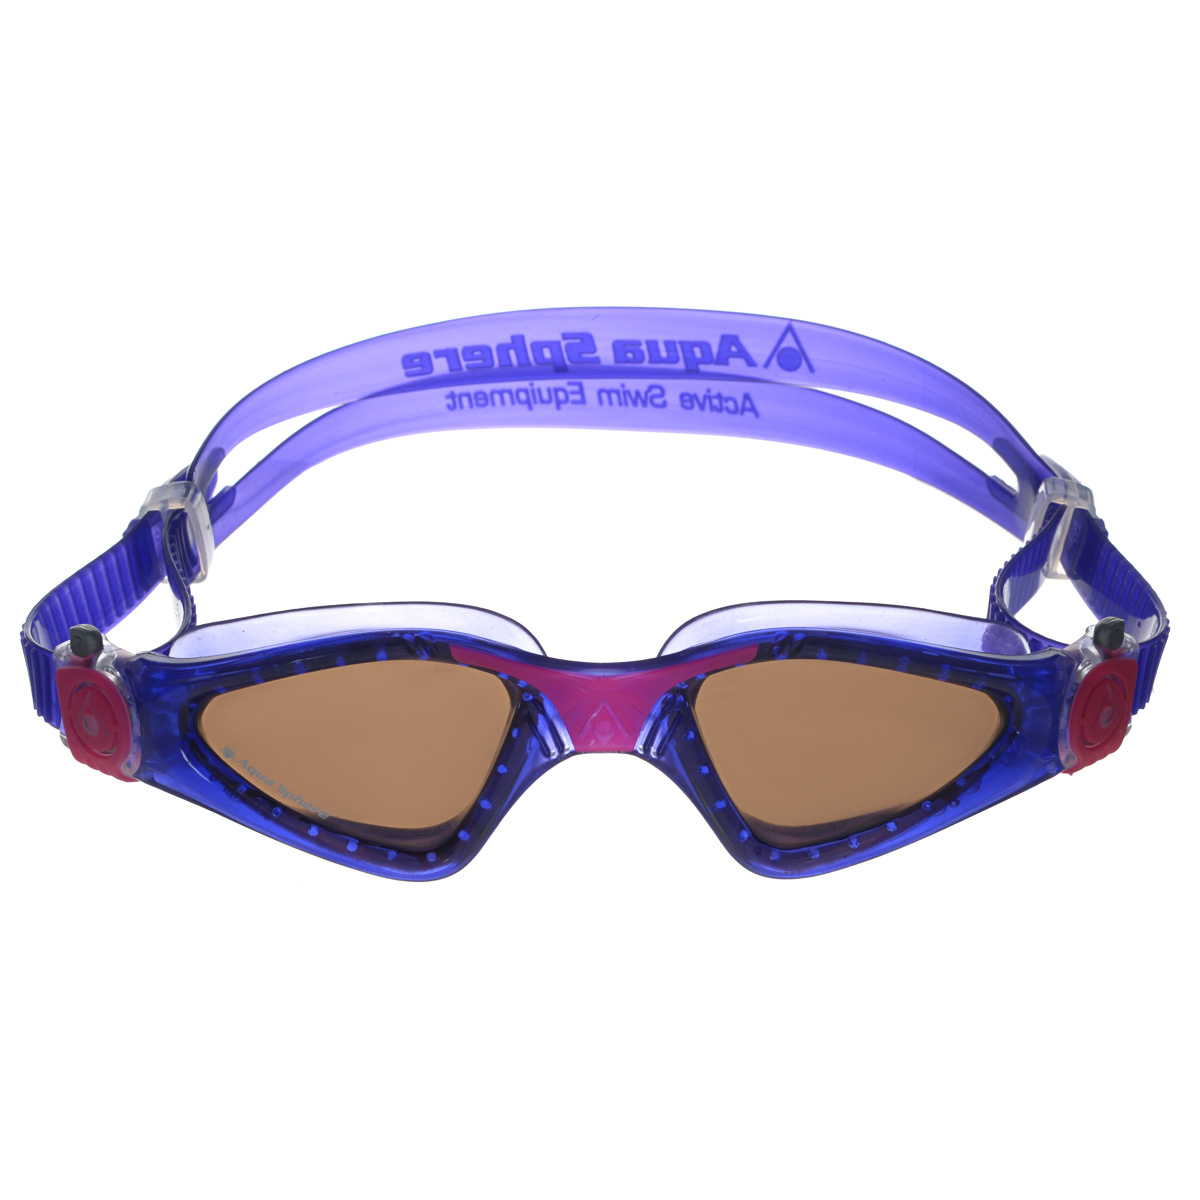 Очки для плавания Aqua Sphere Kayenne Lady, цвет: фиолетовый, розовый, черныйTN 172750Модные и стильные очки для плавания Aqua Sphere Kayenne Lady идеально подходят для плавания в бассейне или открытой воде. Оснащены линзами с антизапотевающим покрытием, которые устойчивы к появлению царапин. Мягкий комфортный обтюратор плотно прилегает к лицу.Запатентованные изогнутые линзы дают прекрасный обзор на 180° - без искажений. Рамка имеет гидродинамическую форму. Очки оснащены удобными быстрорегулируемыми пряжками.Материал: софтерил, plexisol.